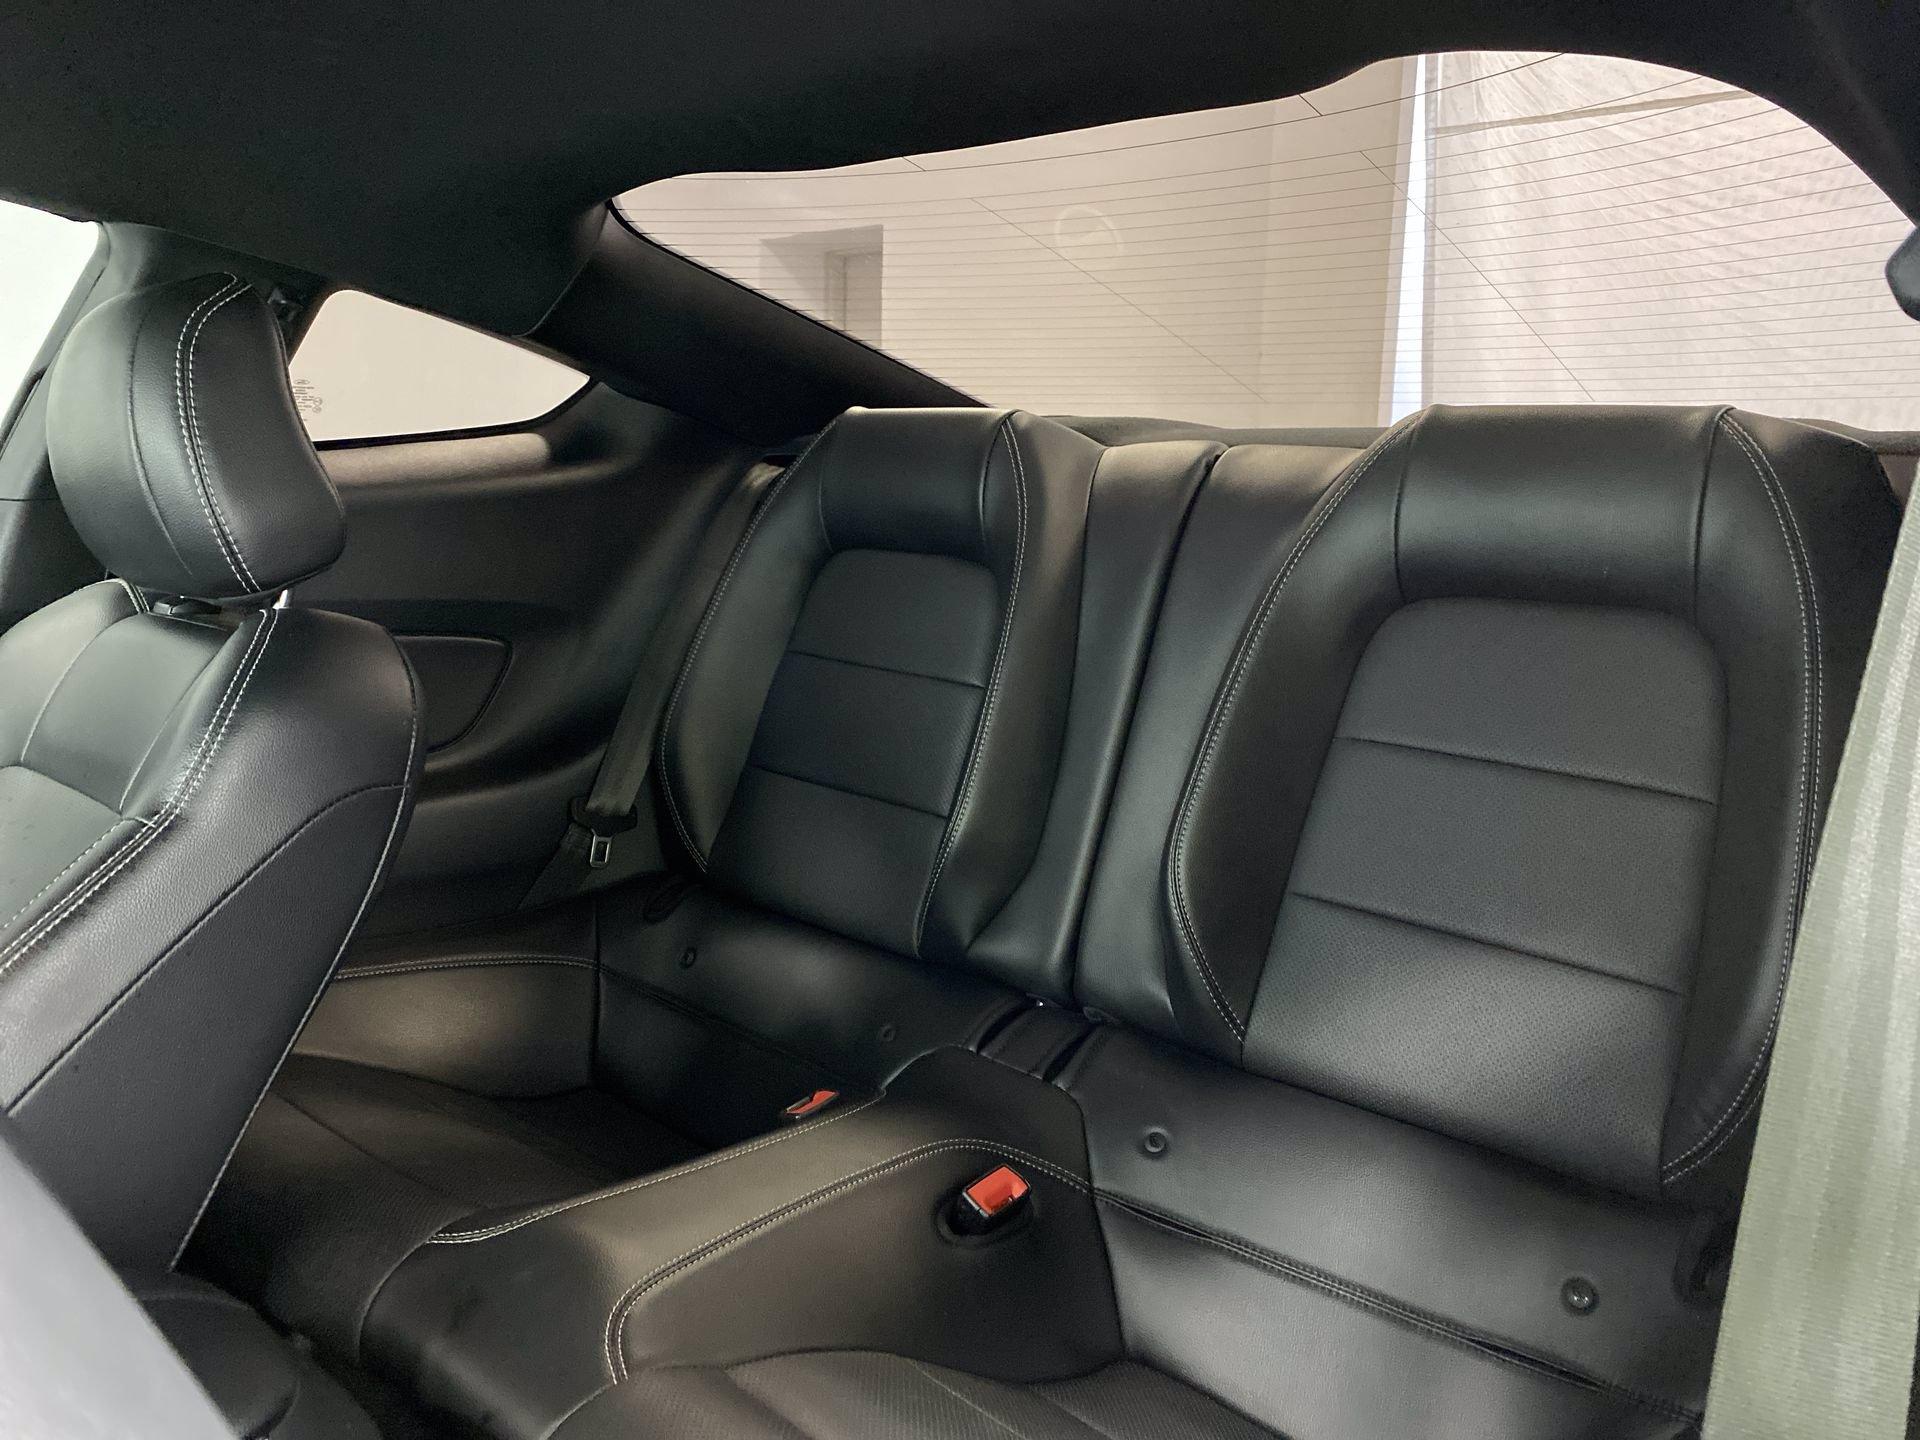 2020 Ford Mustang Premium